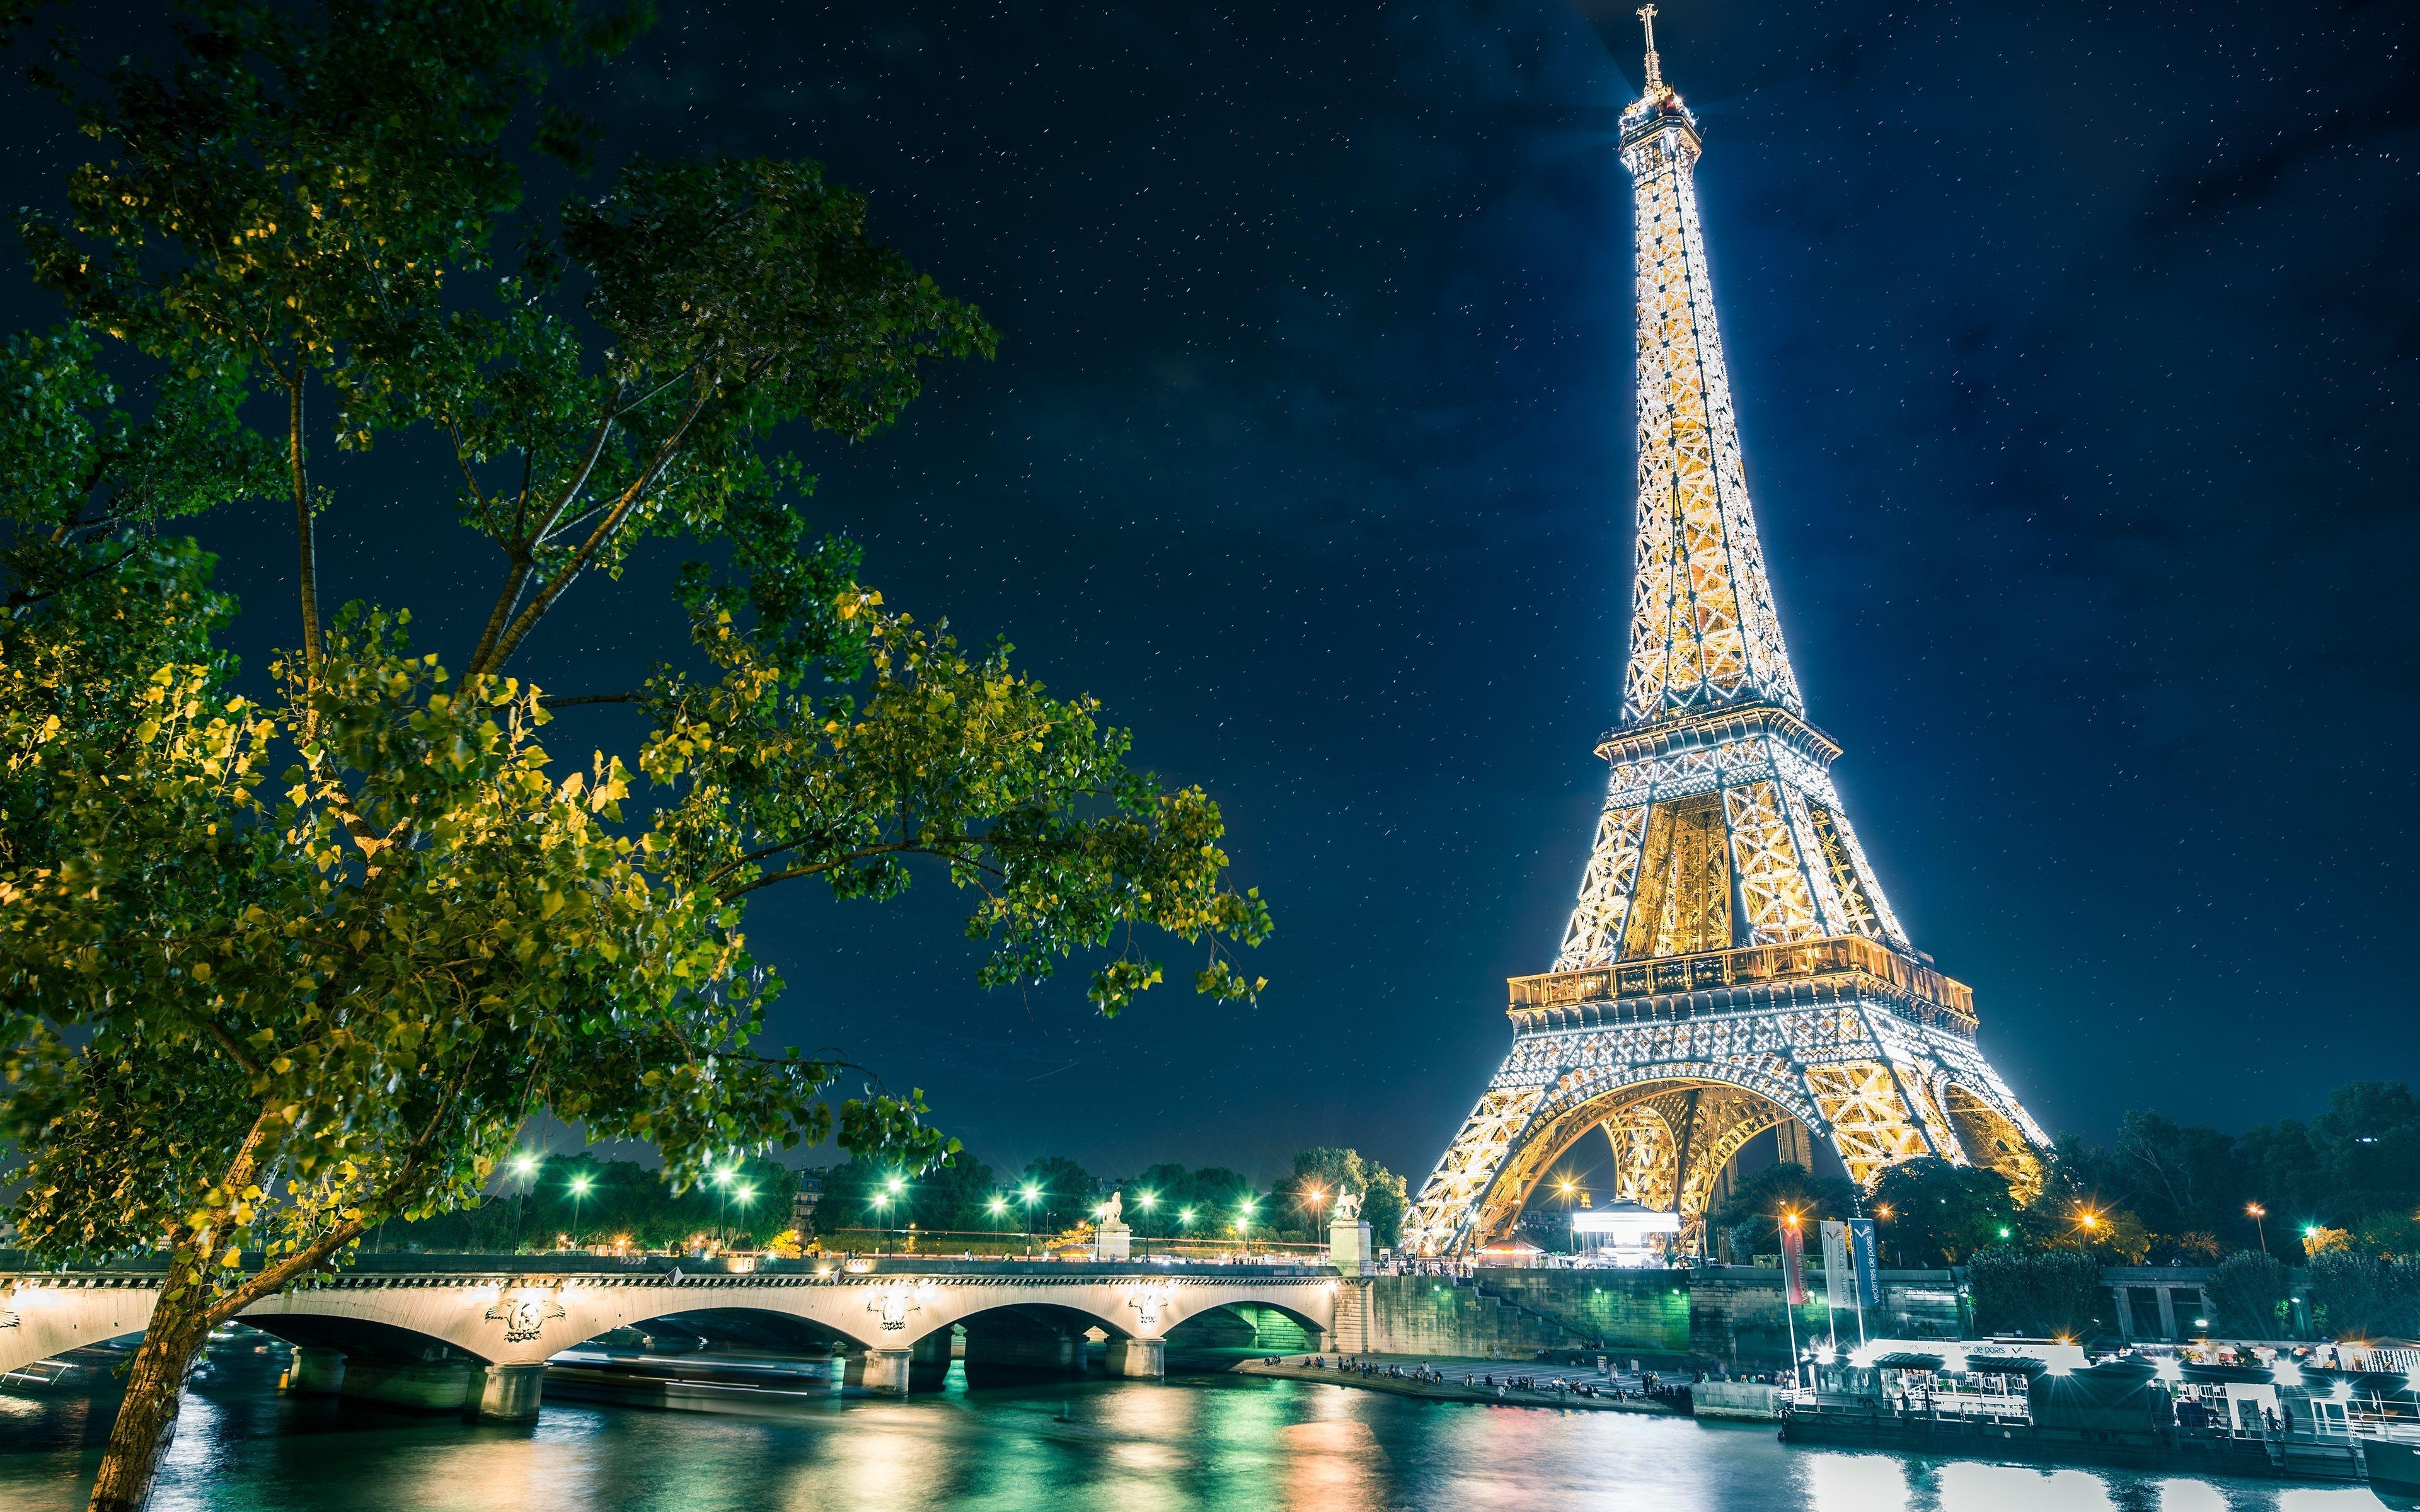 Париж из космоса  № 3715197 загрузить